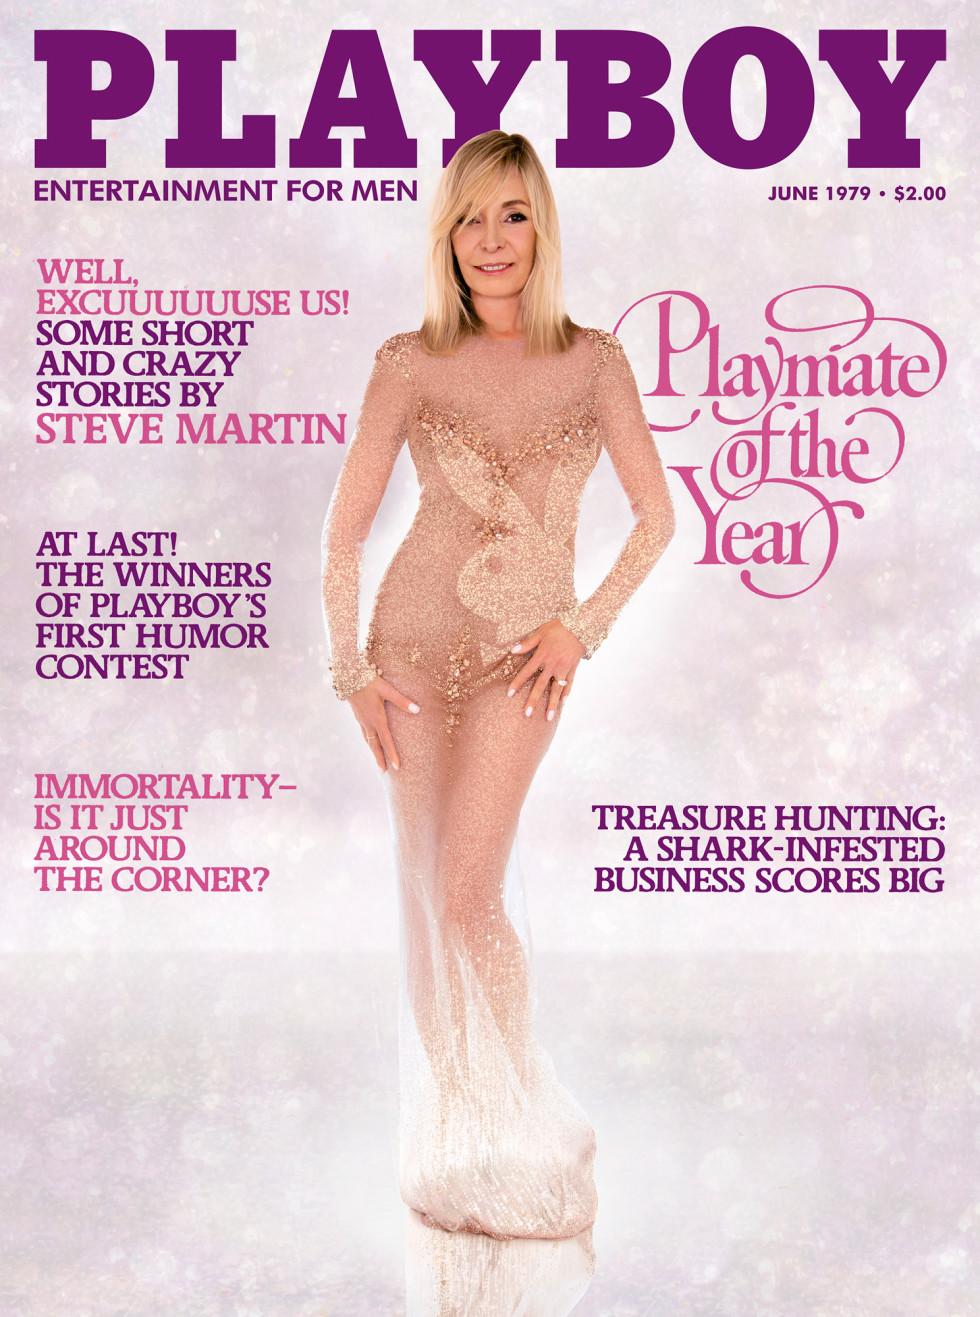 Quand Playboy reprend les mêmes 30 ans plus tard...